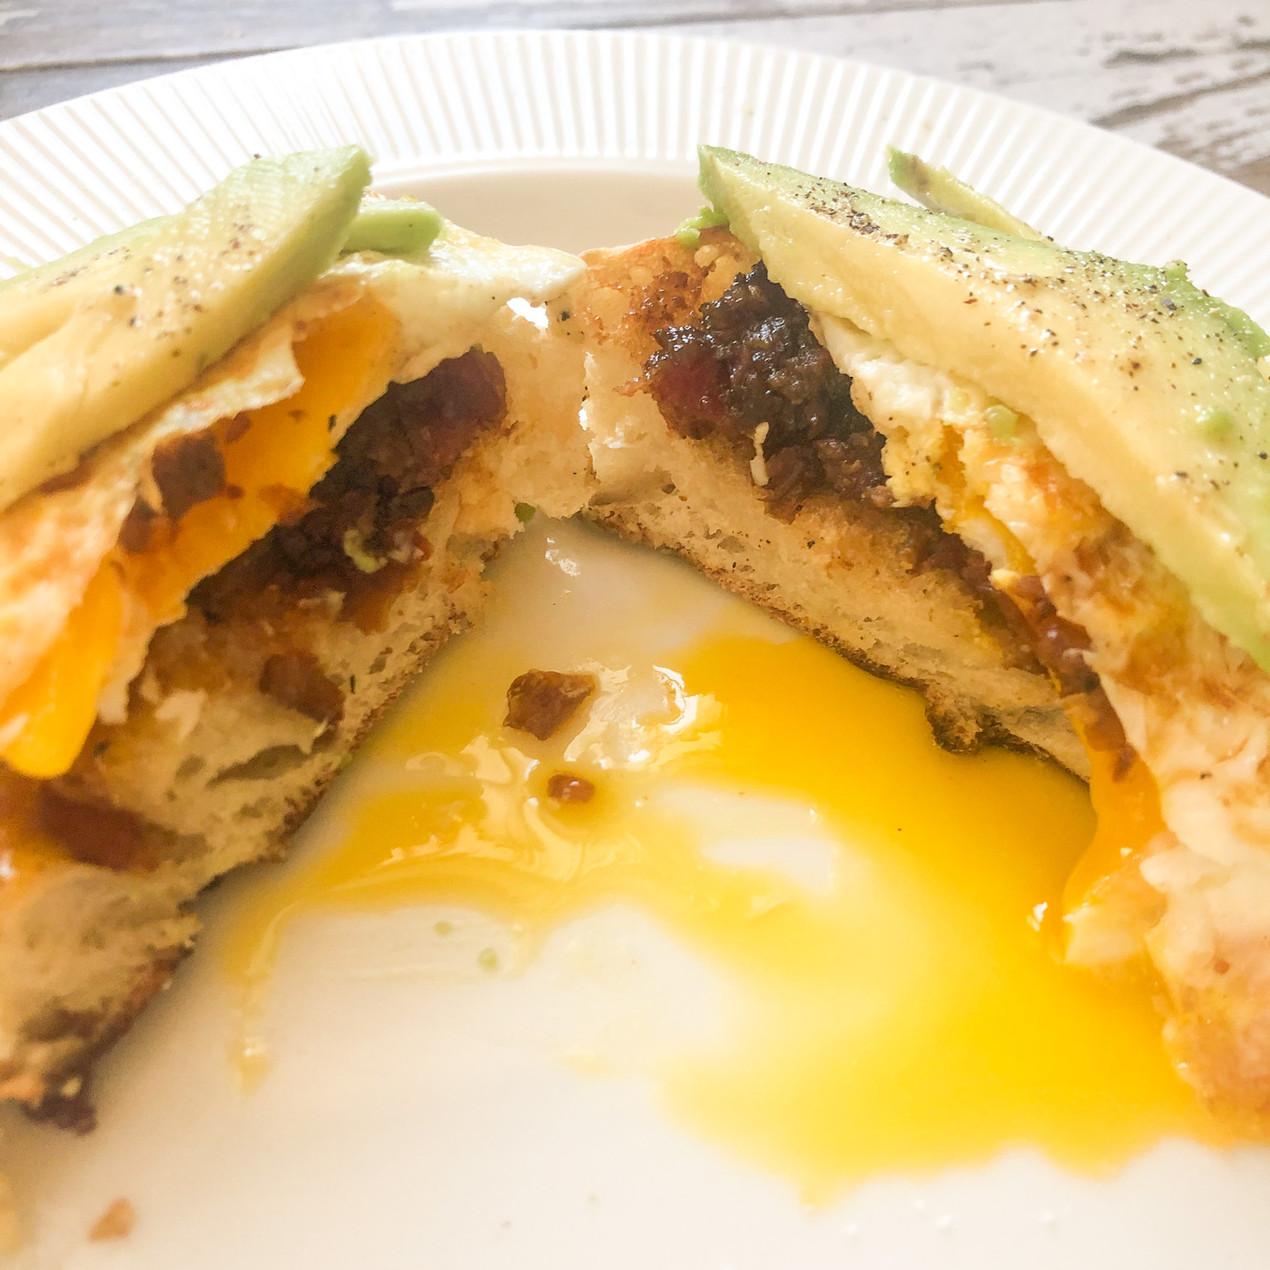 Bacon Jam breakfast sandwich avocado toast